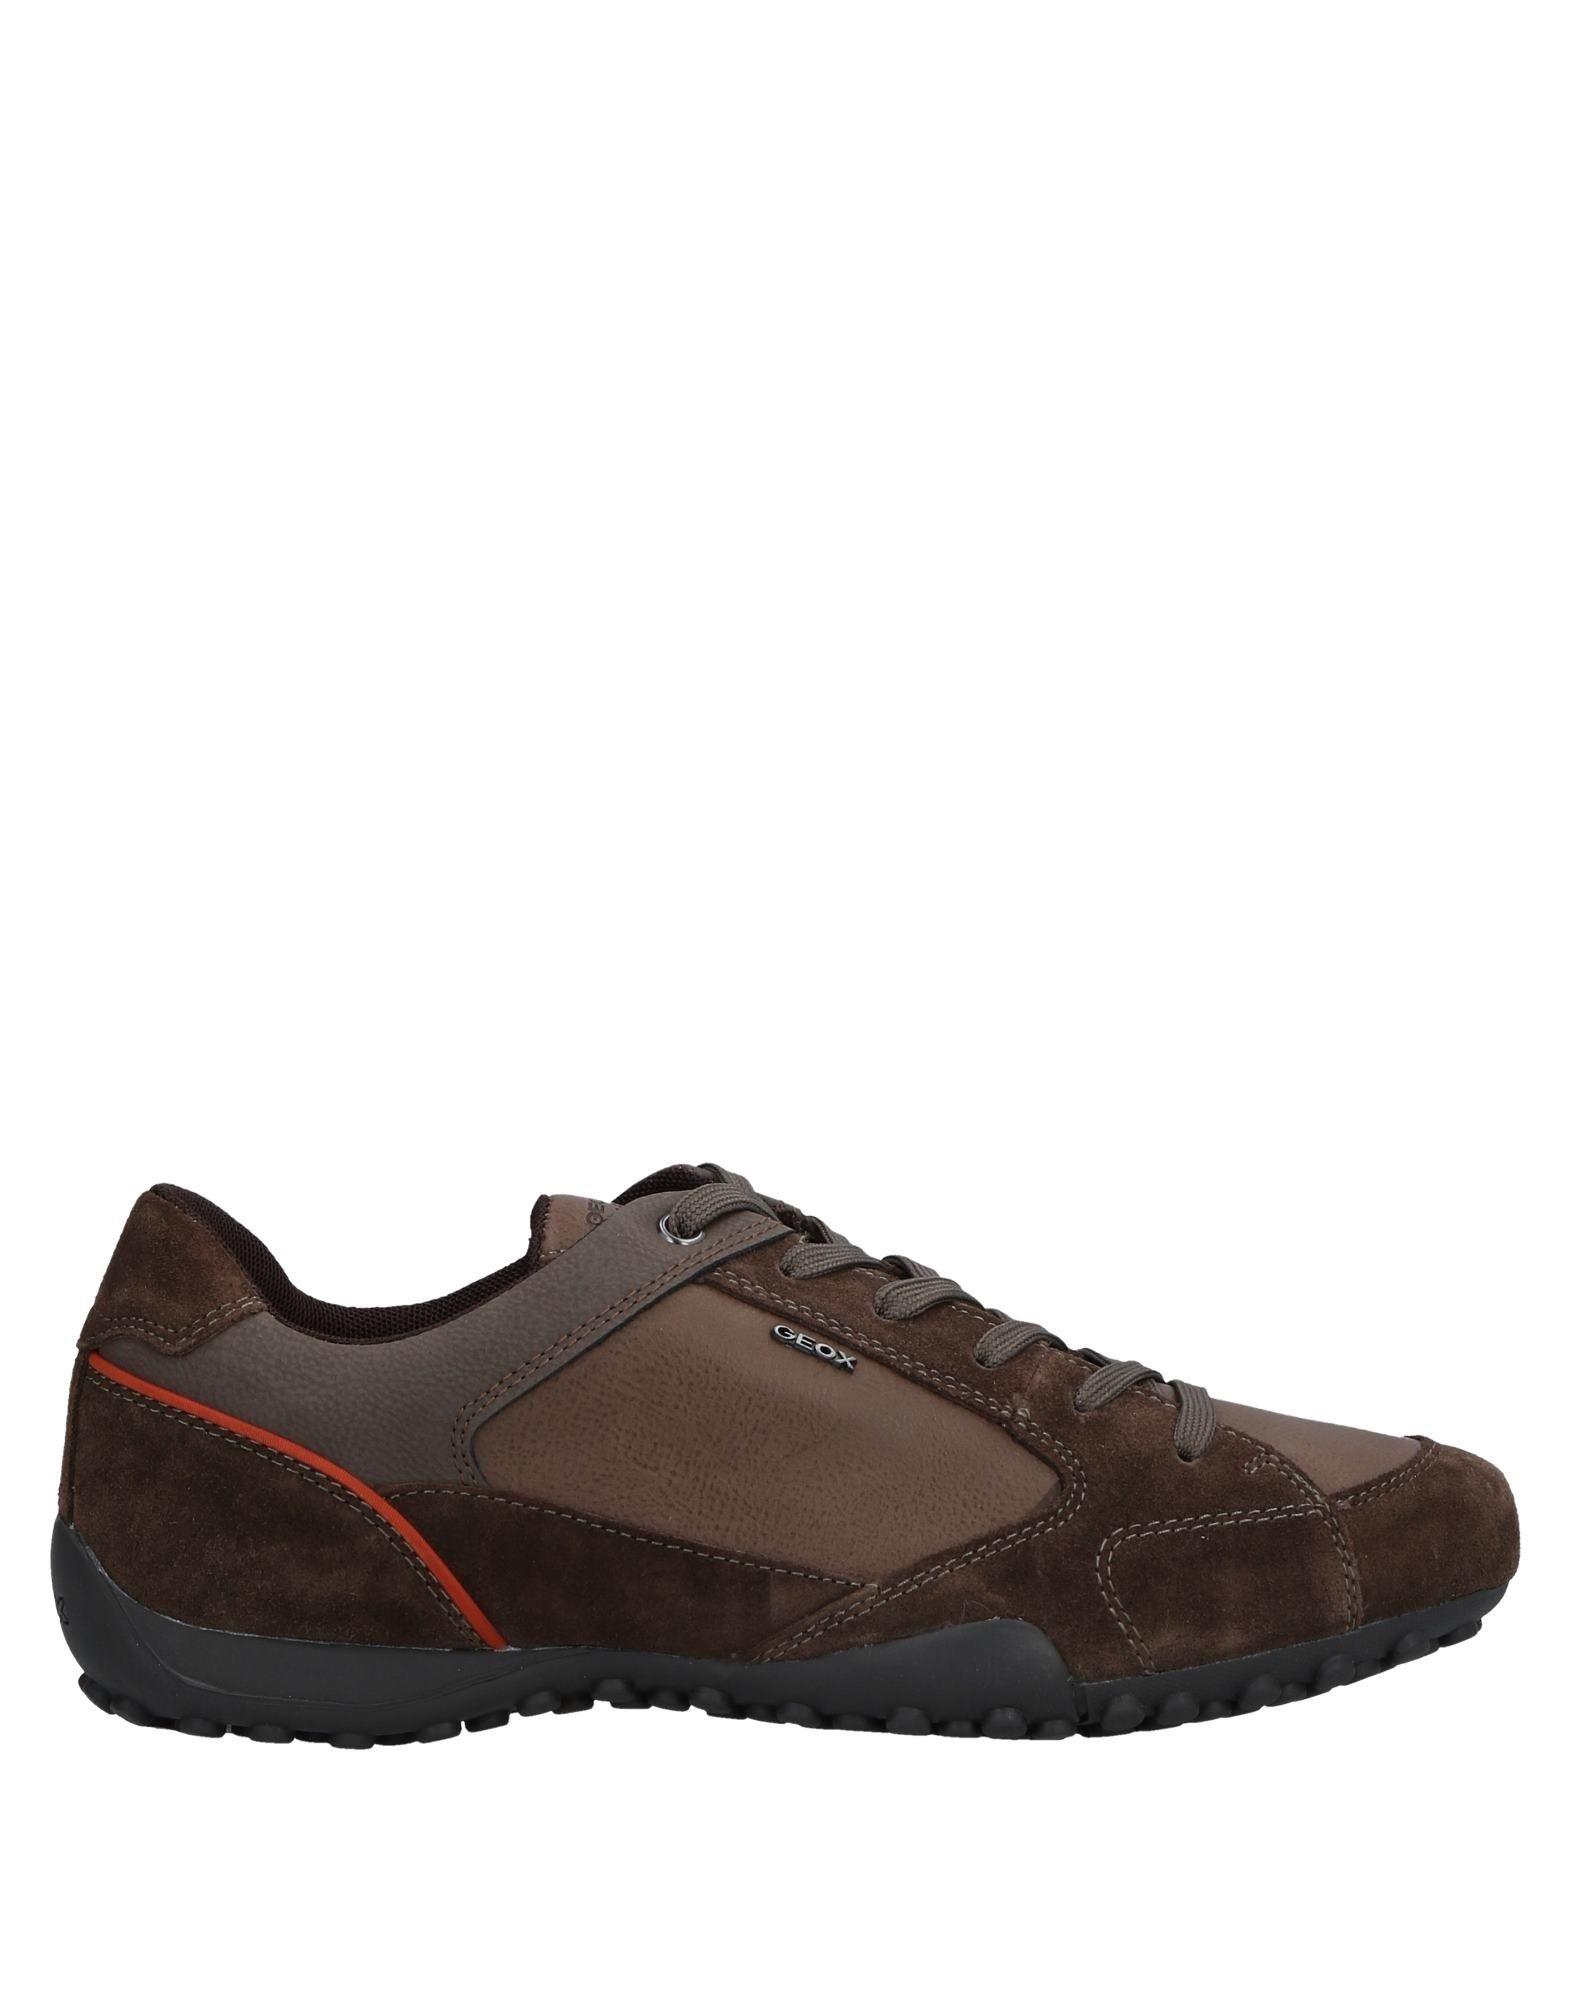 Rabatt echte Schuhe Geox Sneakers Herren  11539484ME